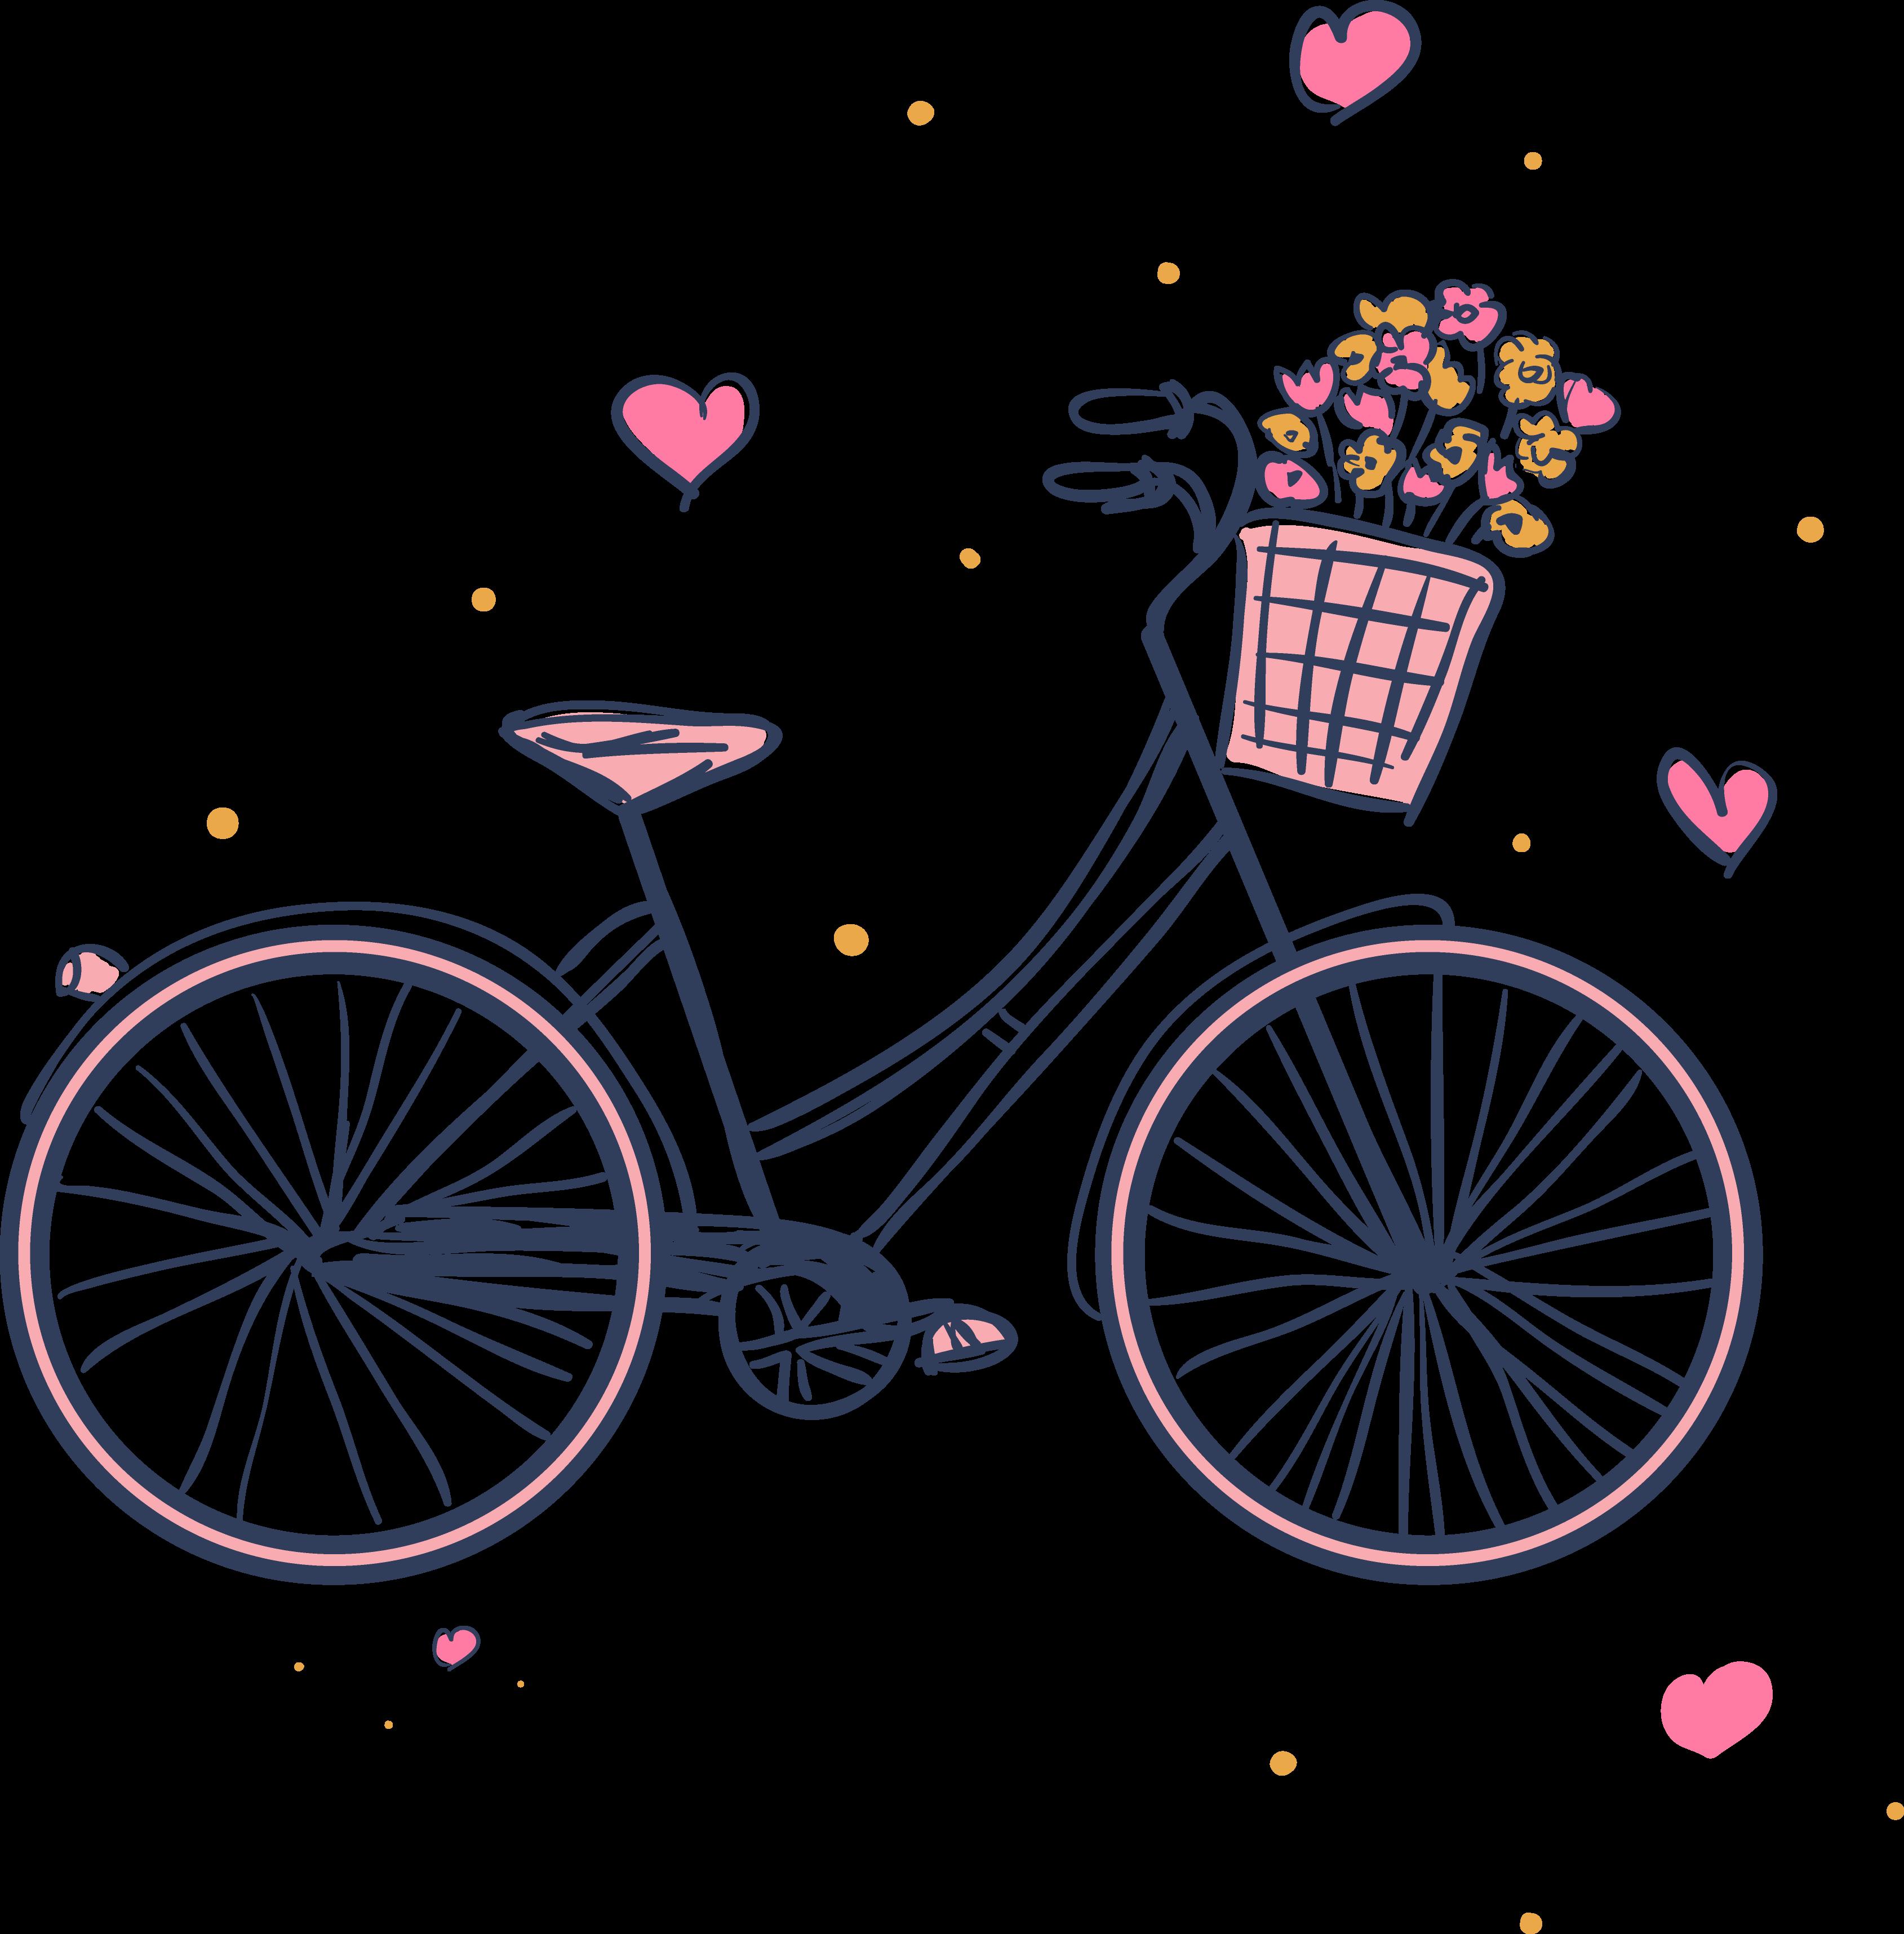 Clipart bike hybrid bike. Raleigh bicycle company frame